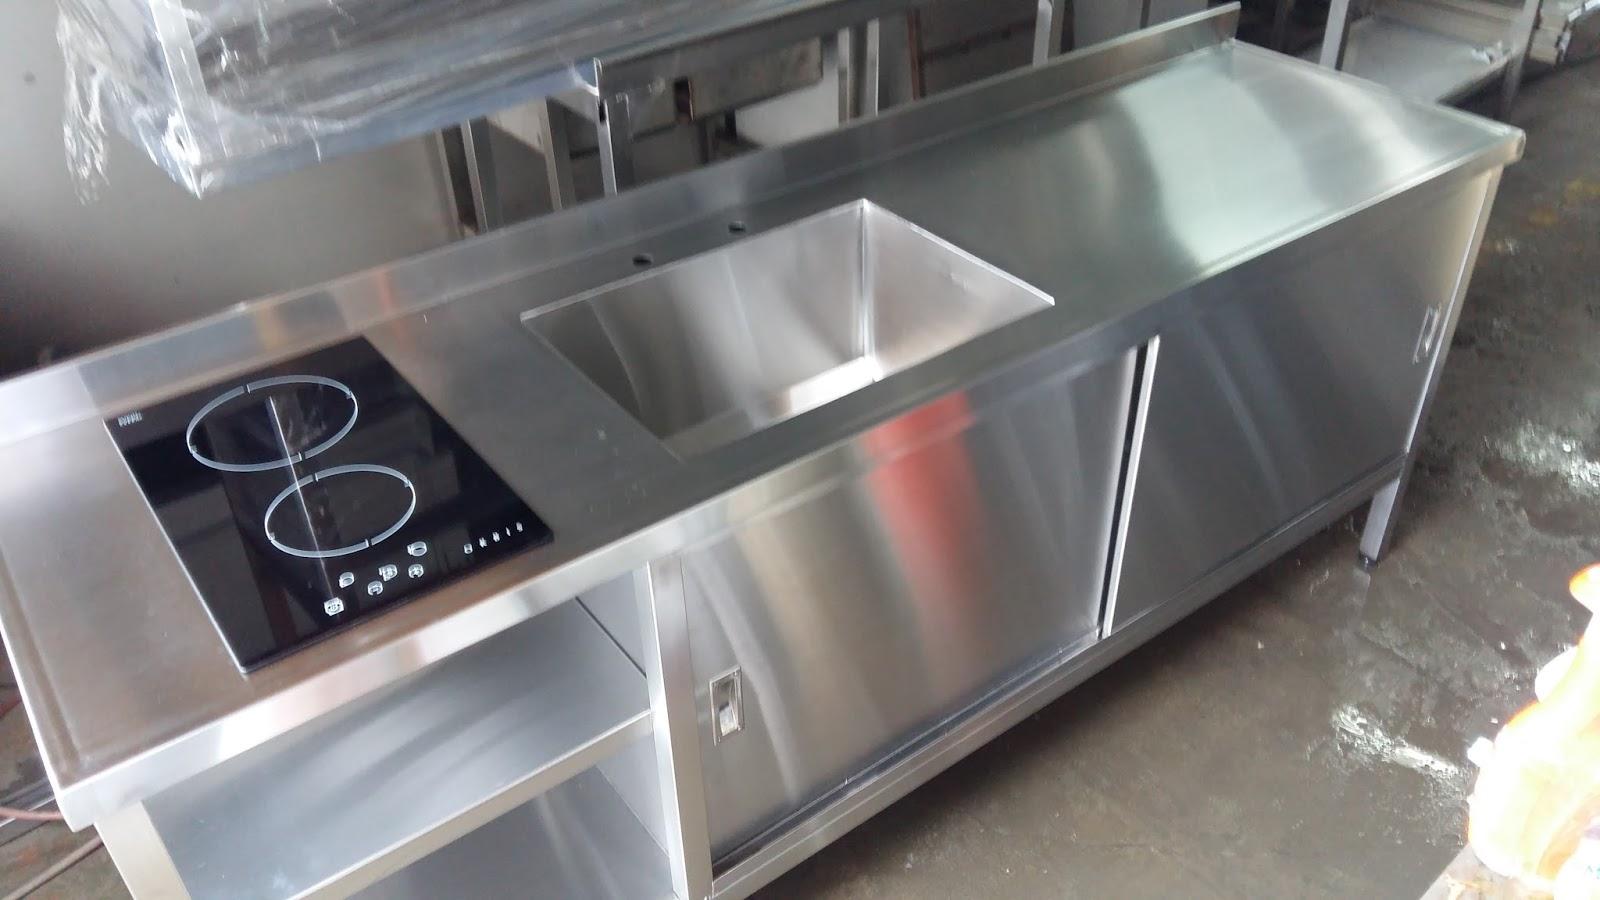 Cocinas industriales familiares: Mesadas de acero inoxidable ...